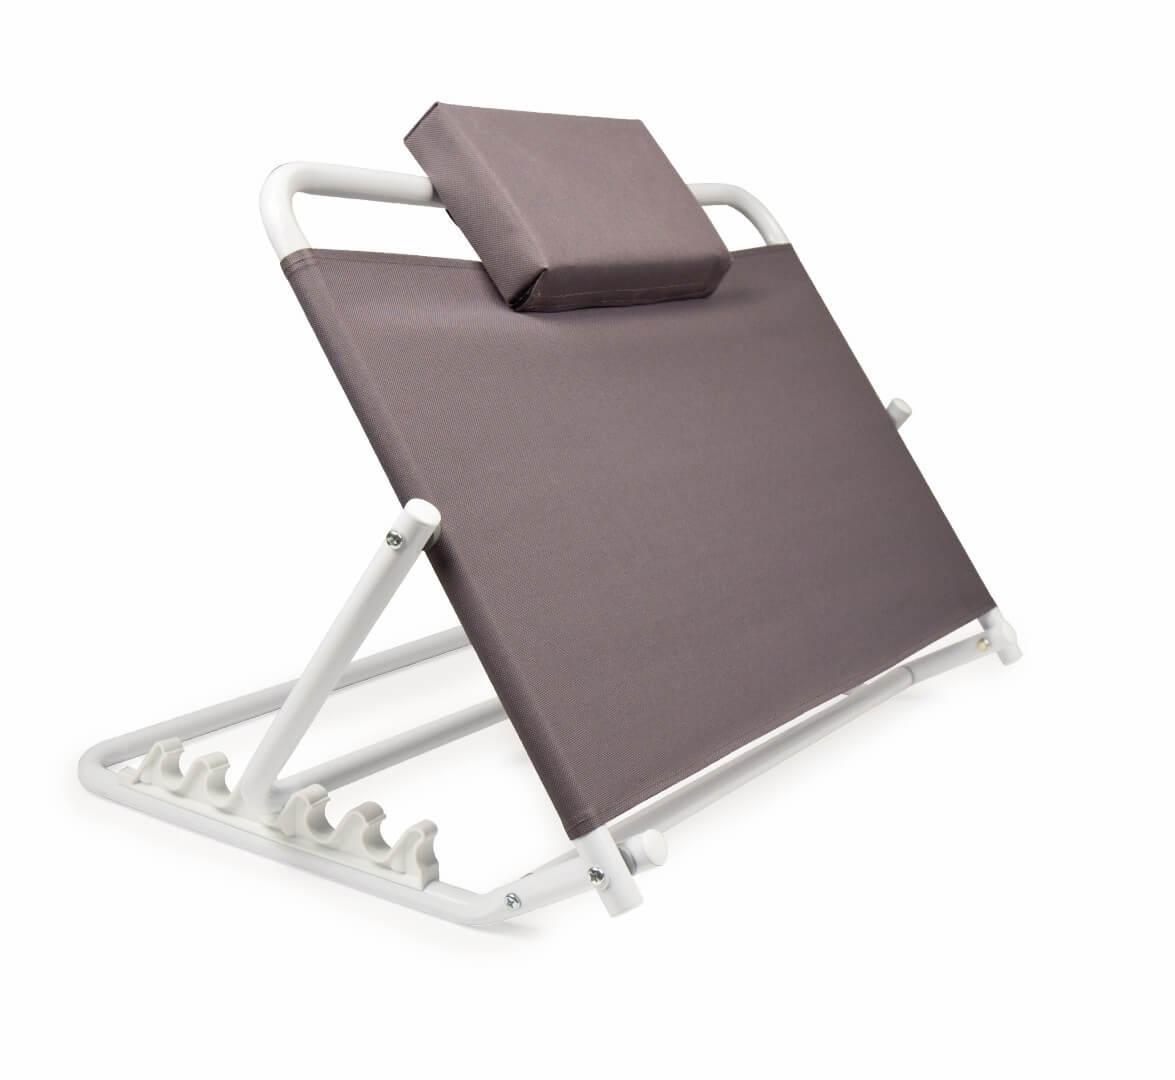 Respaldo ajustable cama accesorios para la cama - Accesorios para camas ...